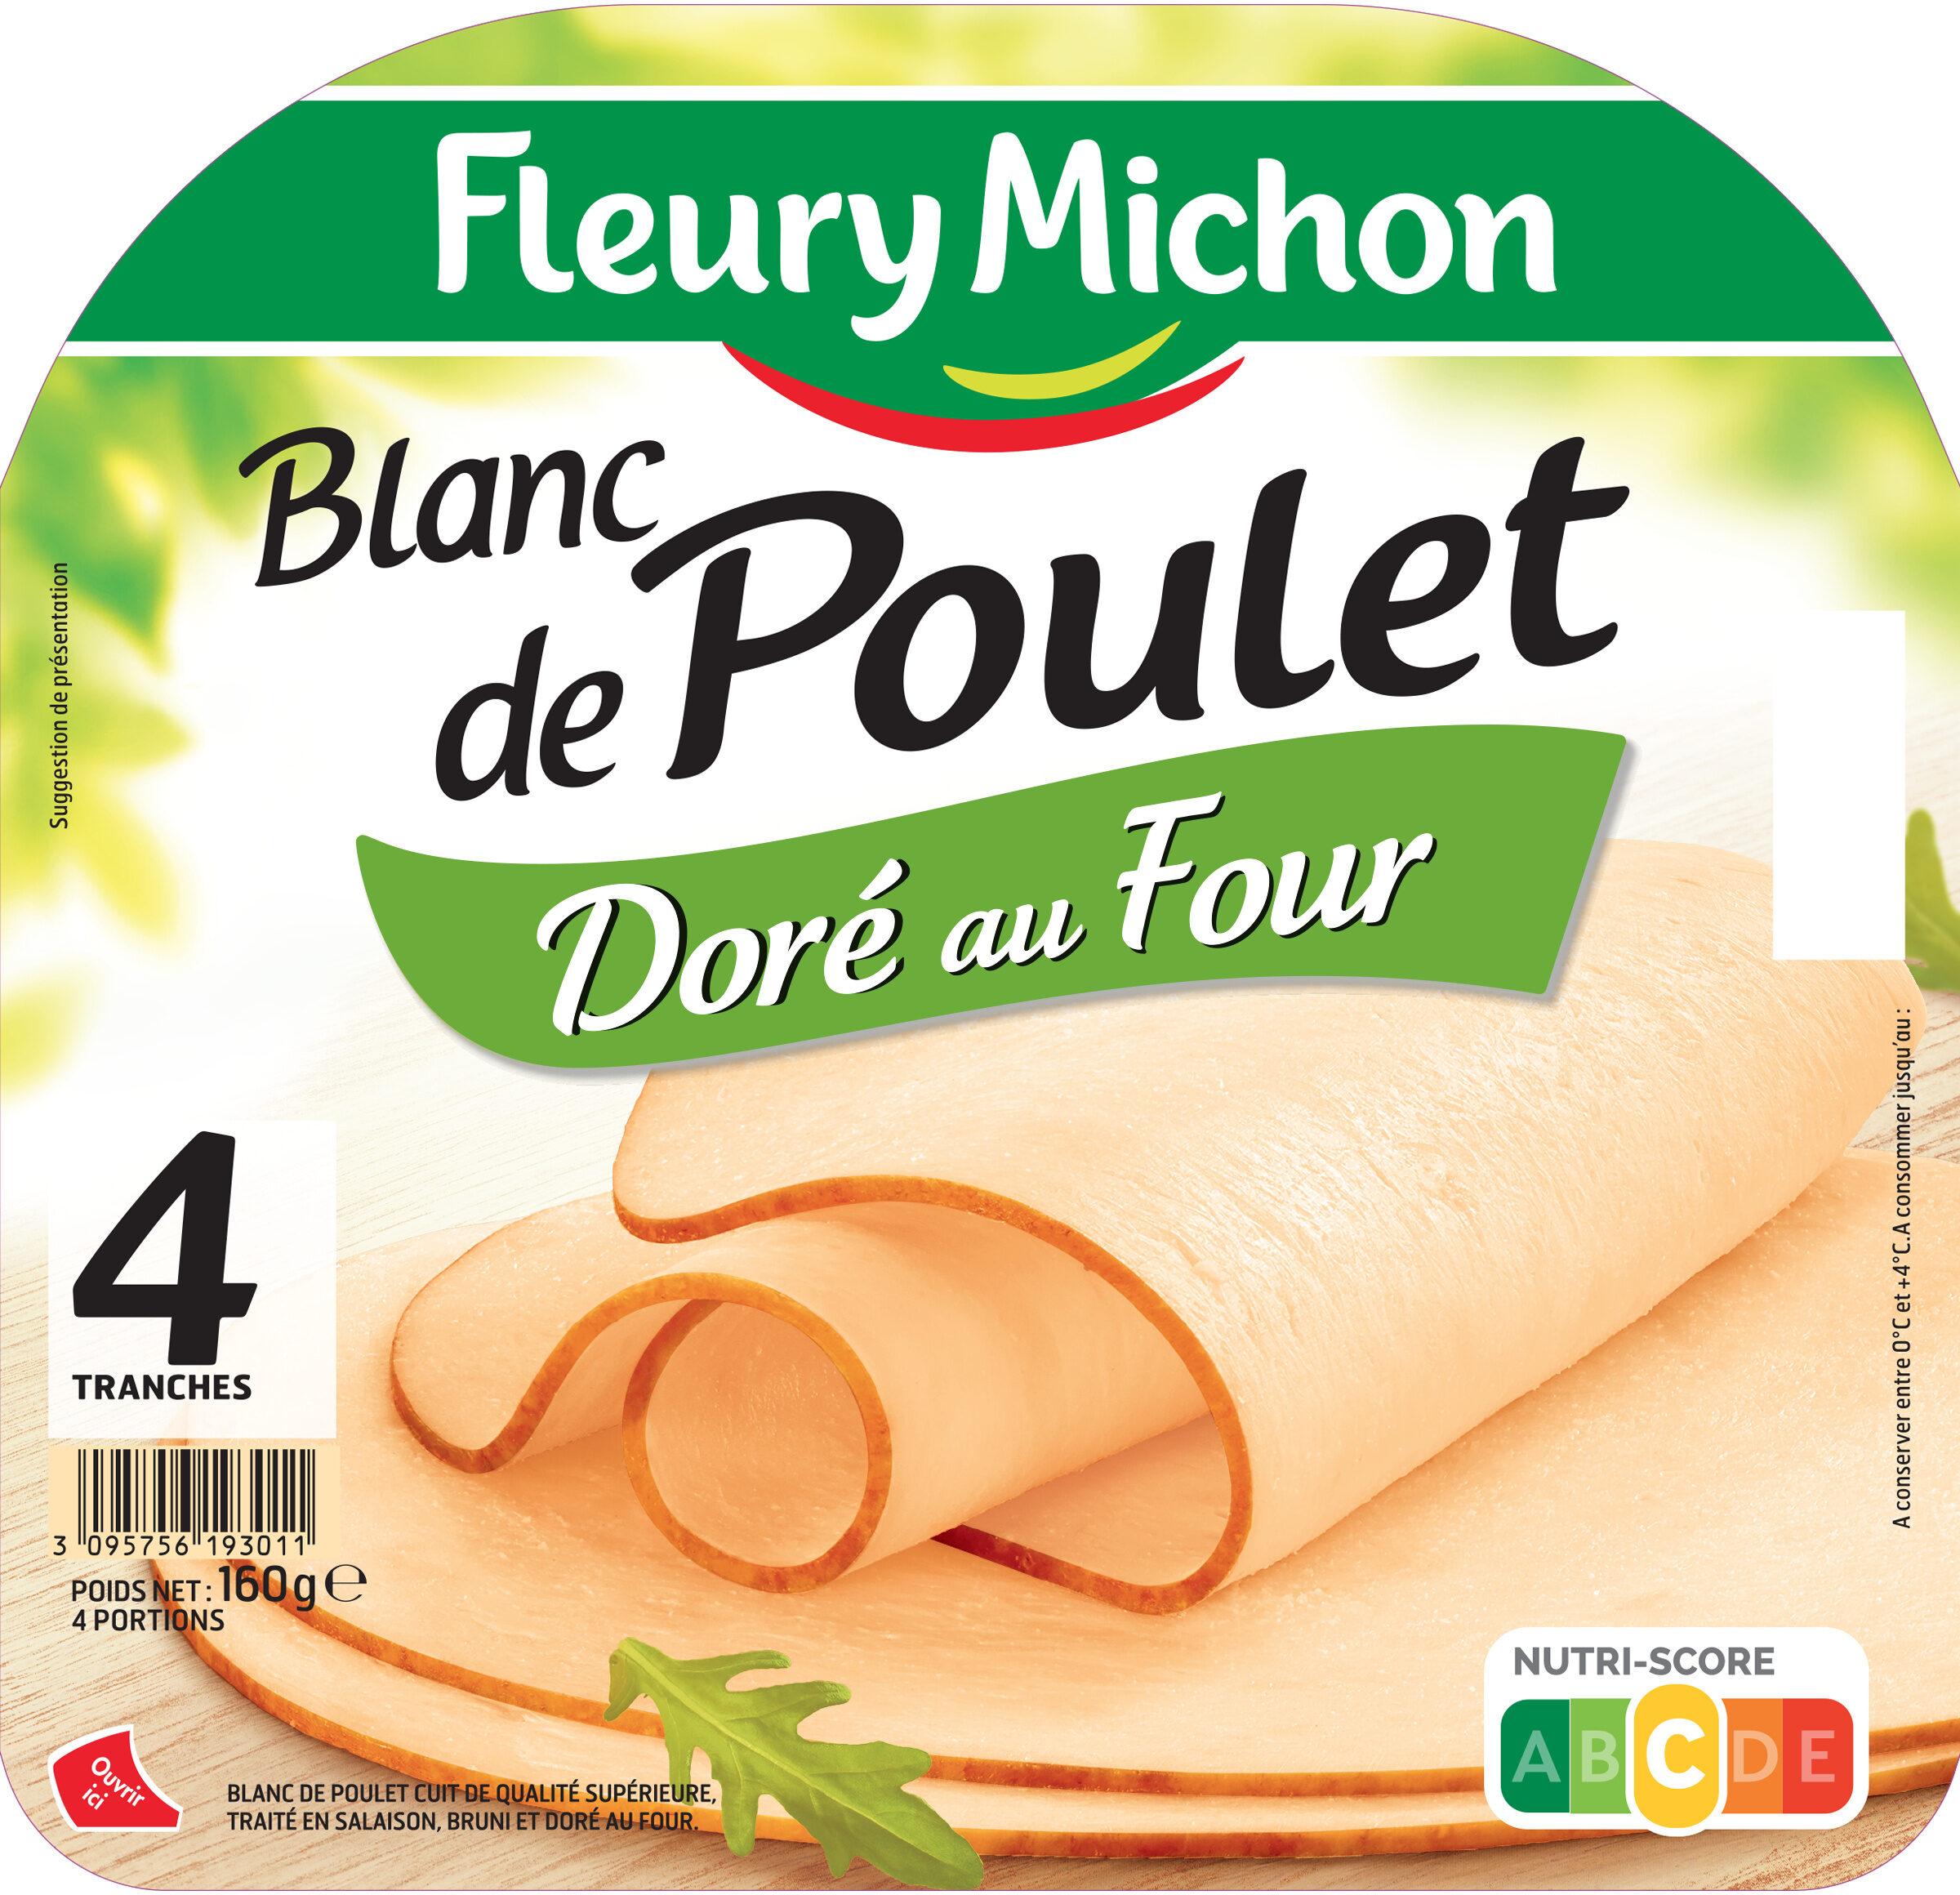 Blanc de poulet doré au four - 4 tr - Product - fr